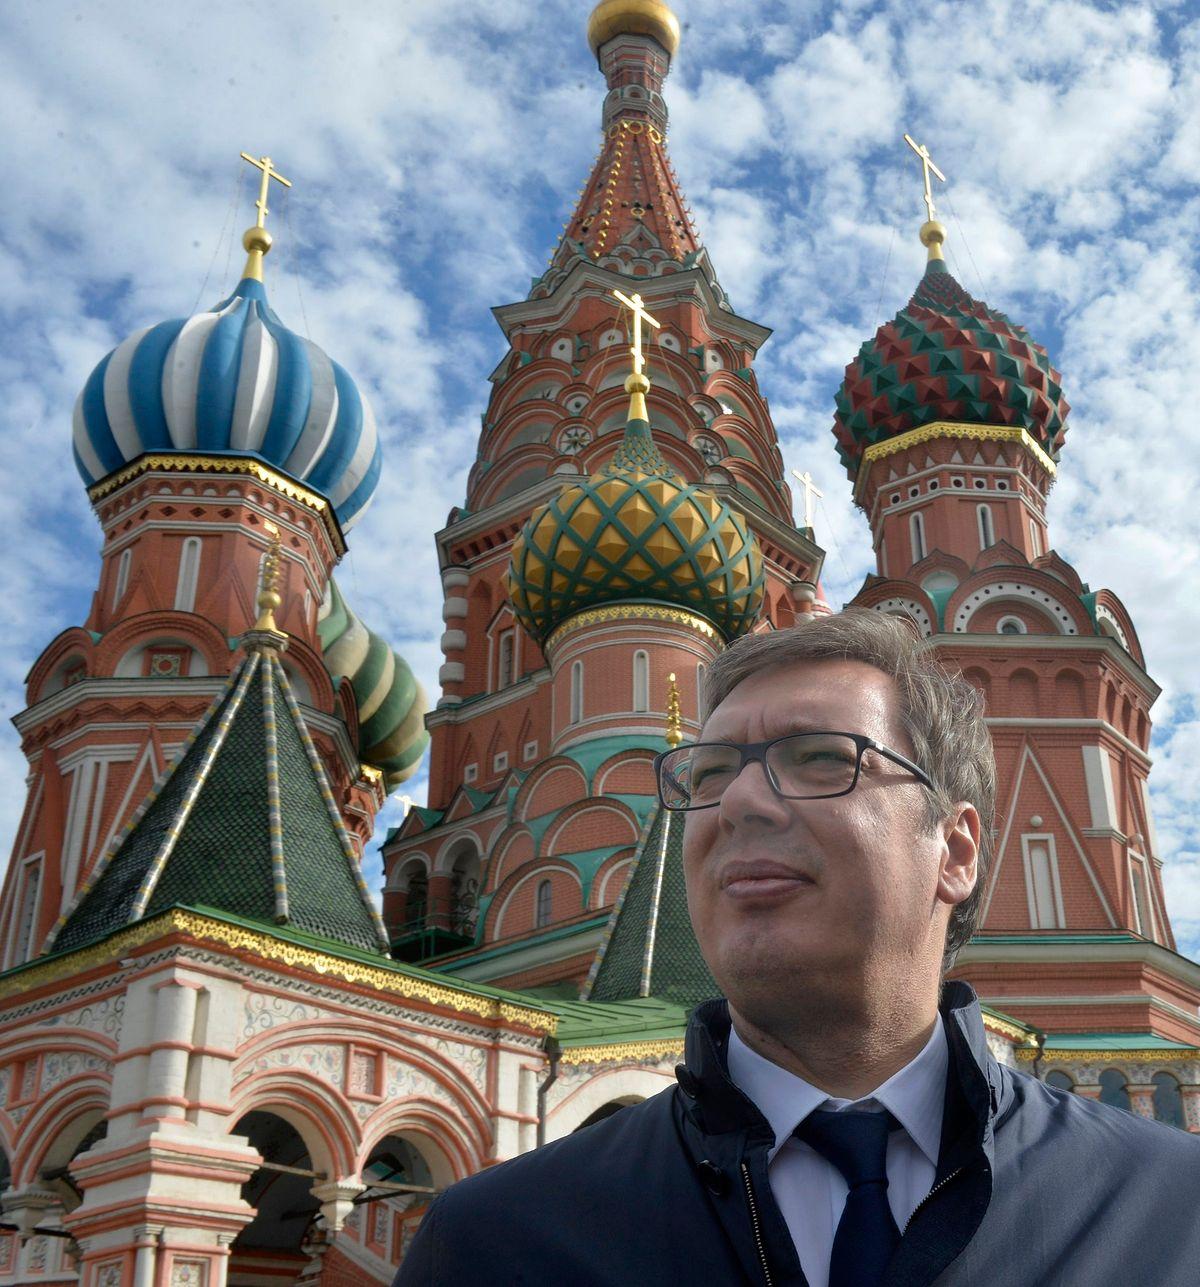 Predsednik Vučić u radnoj poseti Moskvi